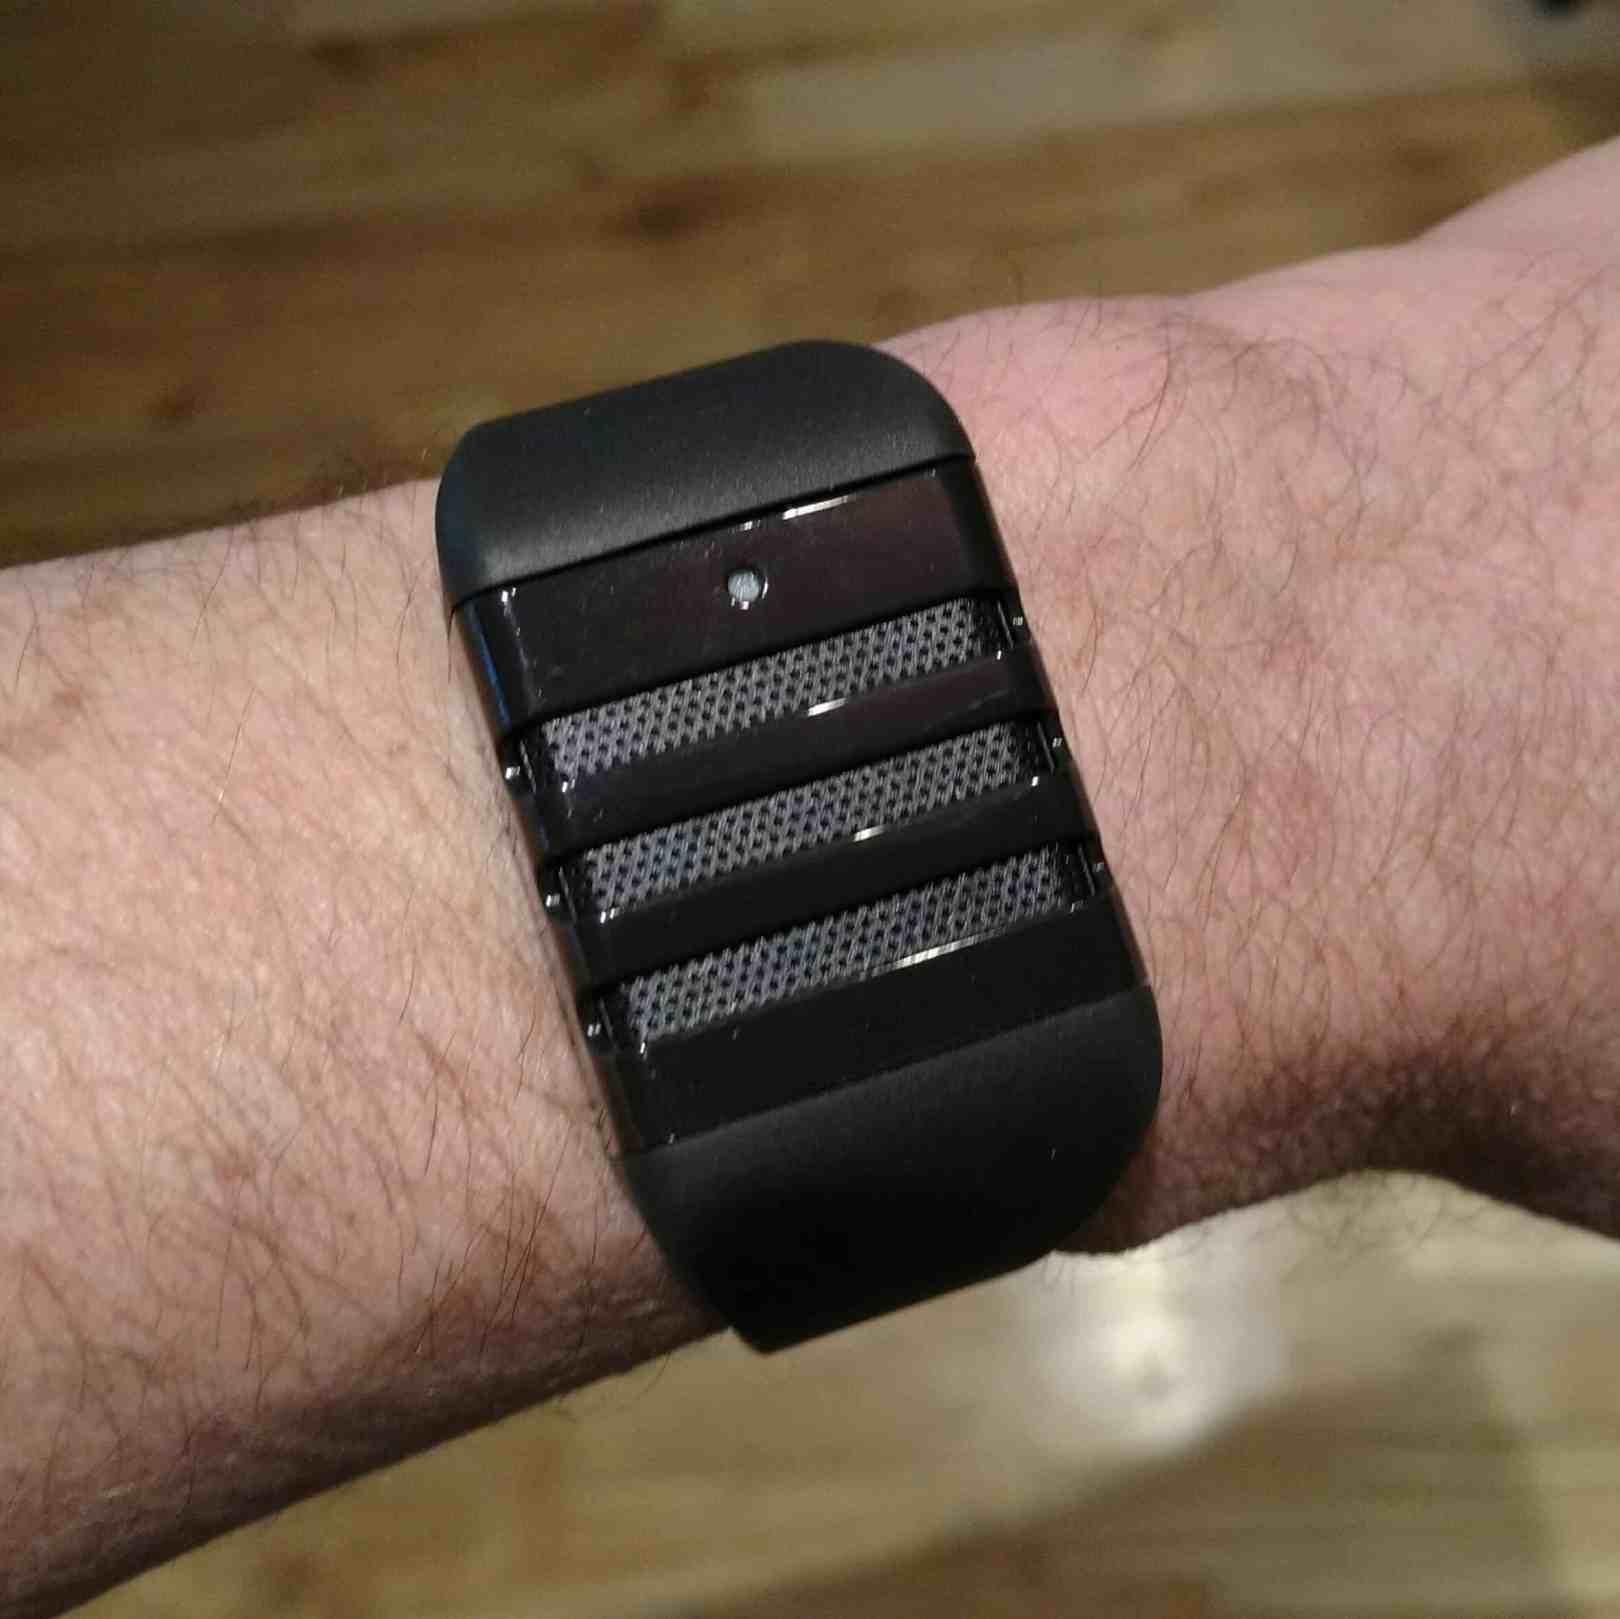 bracelet kapture enregistreur